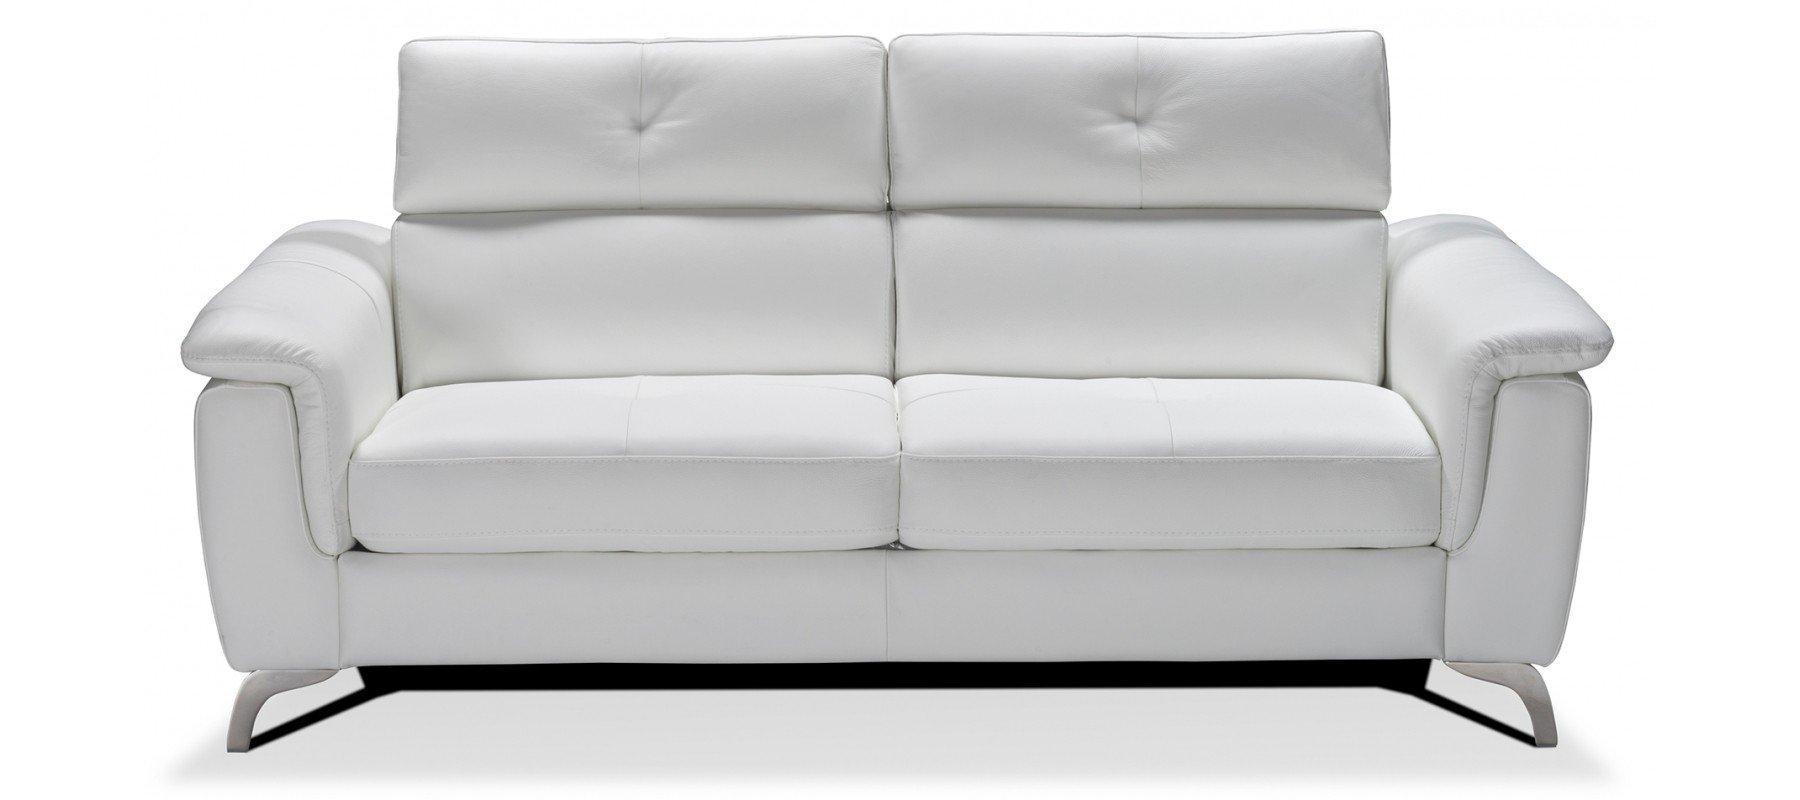 Canapé convertible BARI en cuir de vachette - Largeur 204 cm - Couchage 140cm